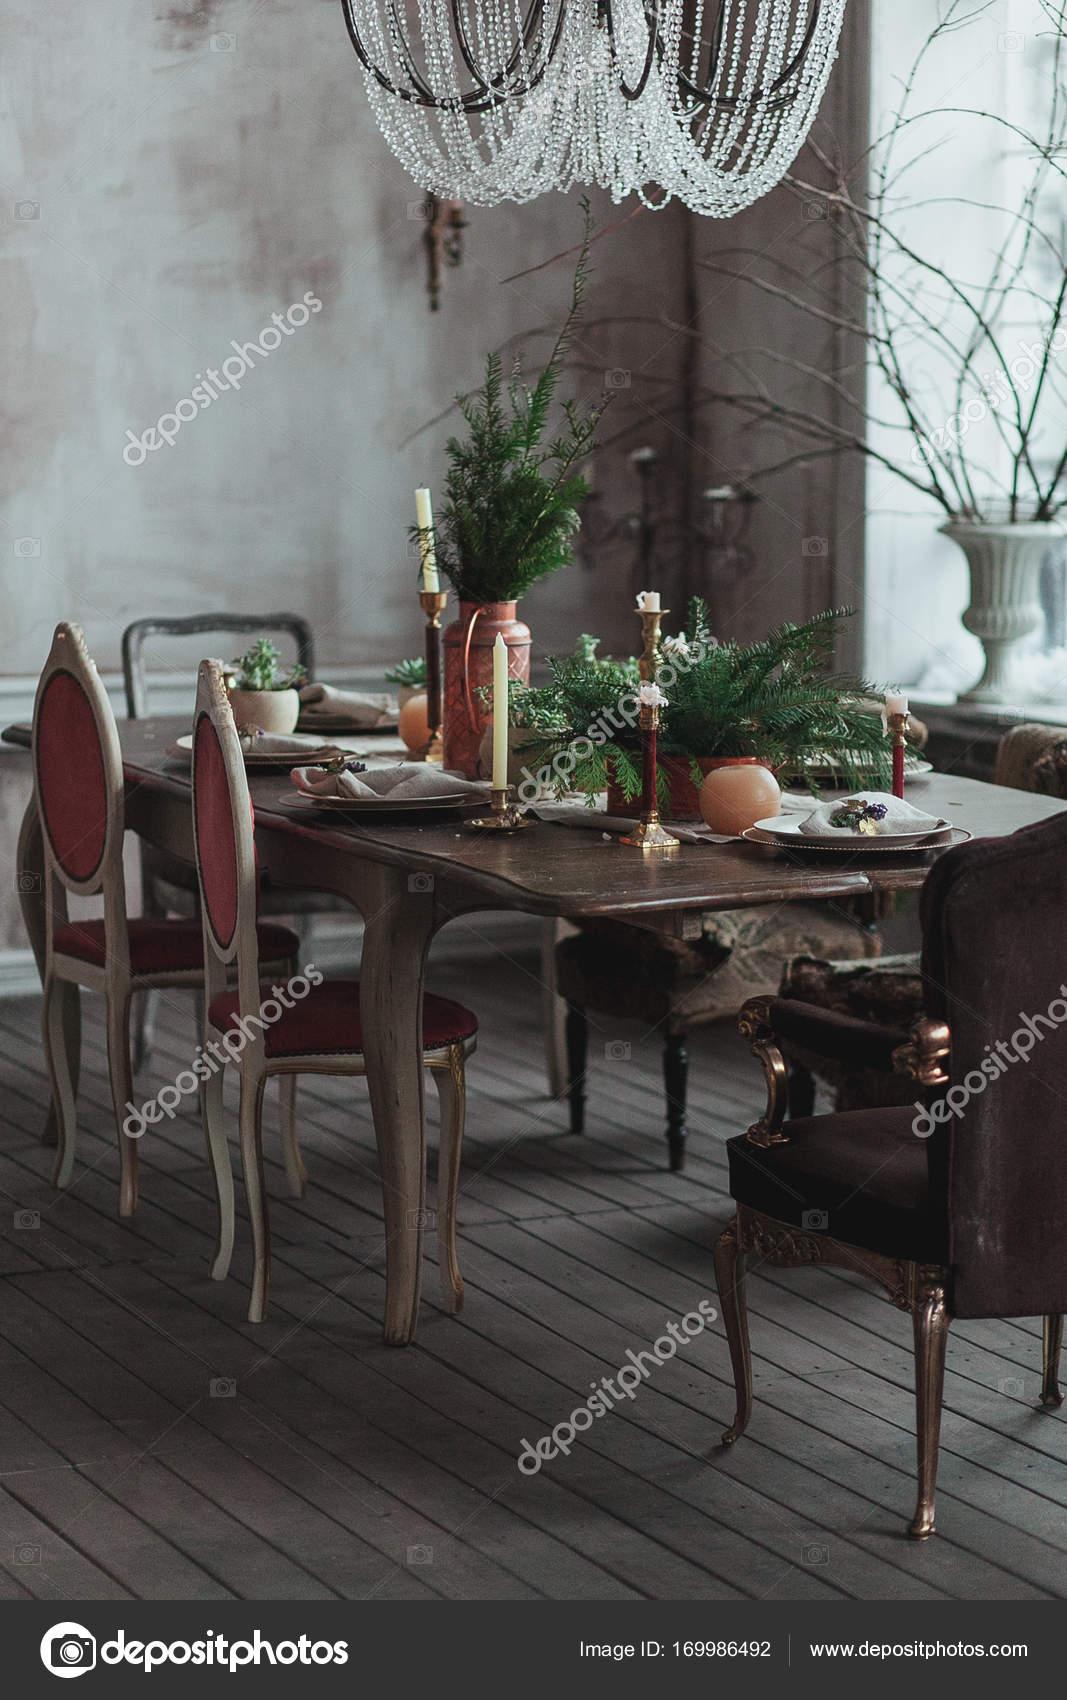 holz boden und decke modern interieur, moderne loft-ess-zimmer mit hoher decke, vintage sessel, leere graue, Design ideen